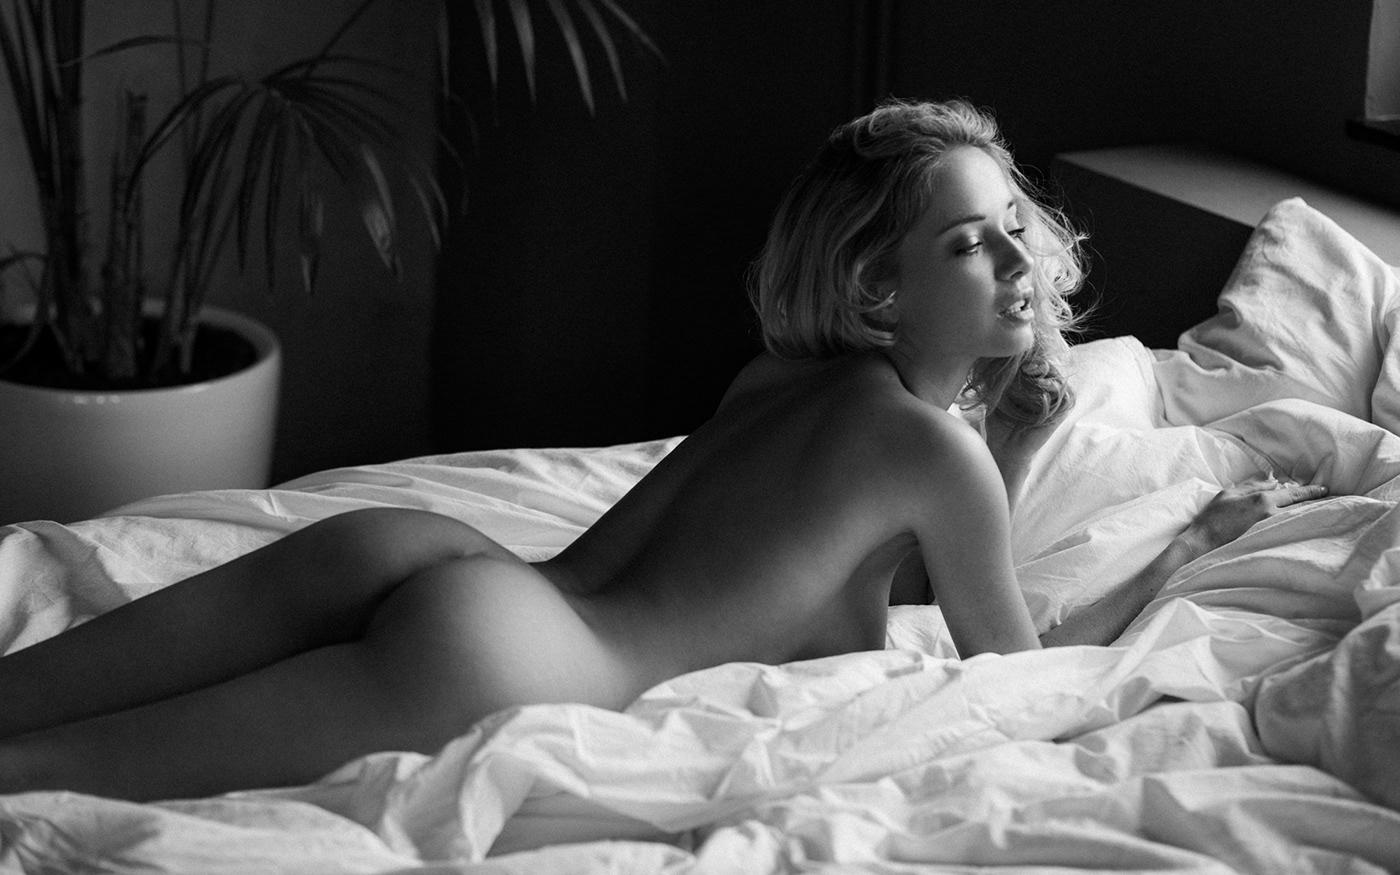 совсем голая Наталья Андреева / фото Sacha Leyendecker